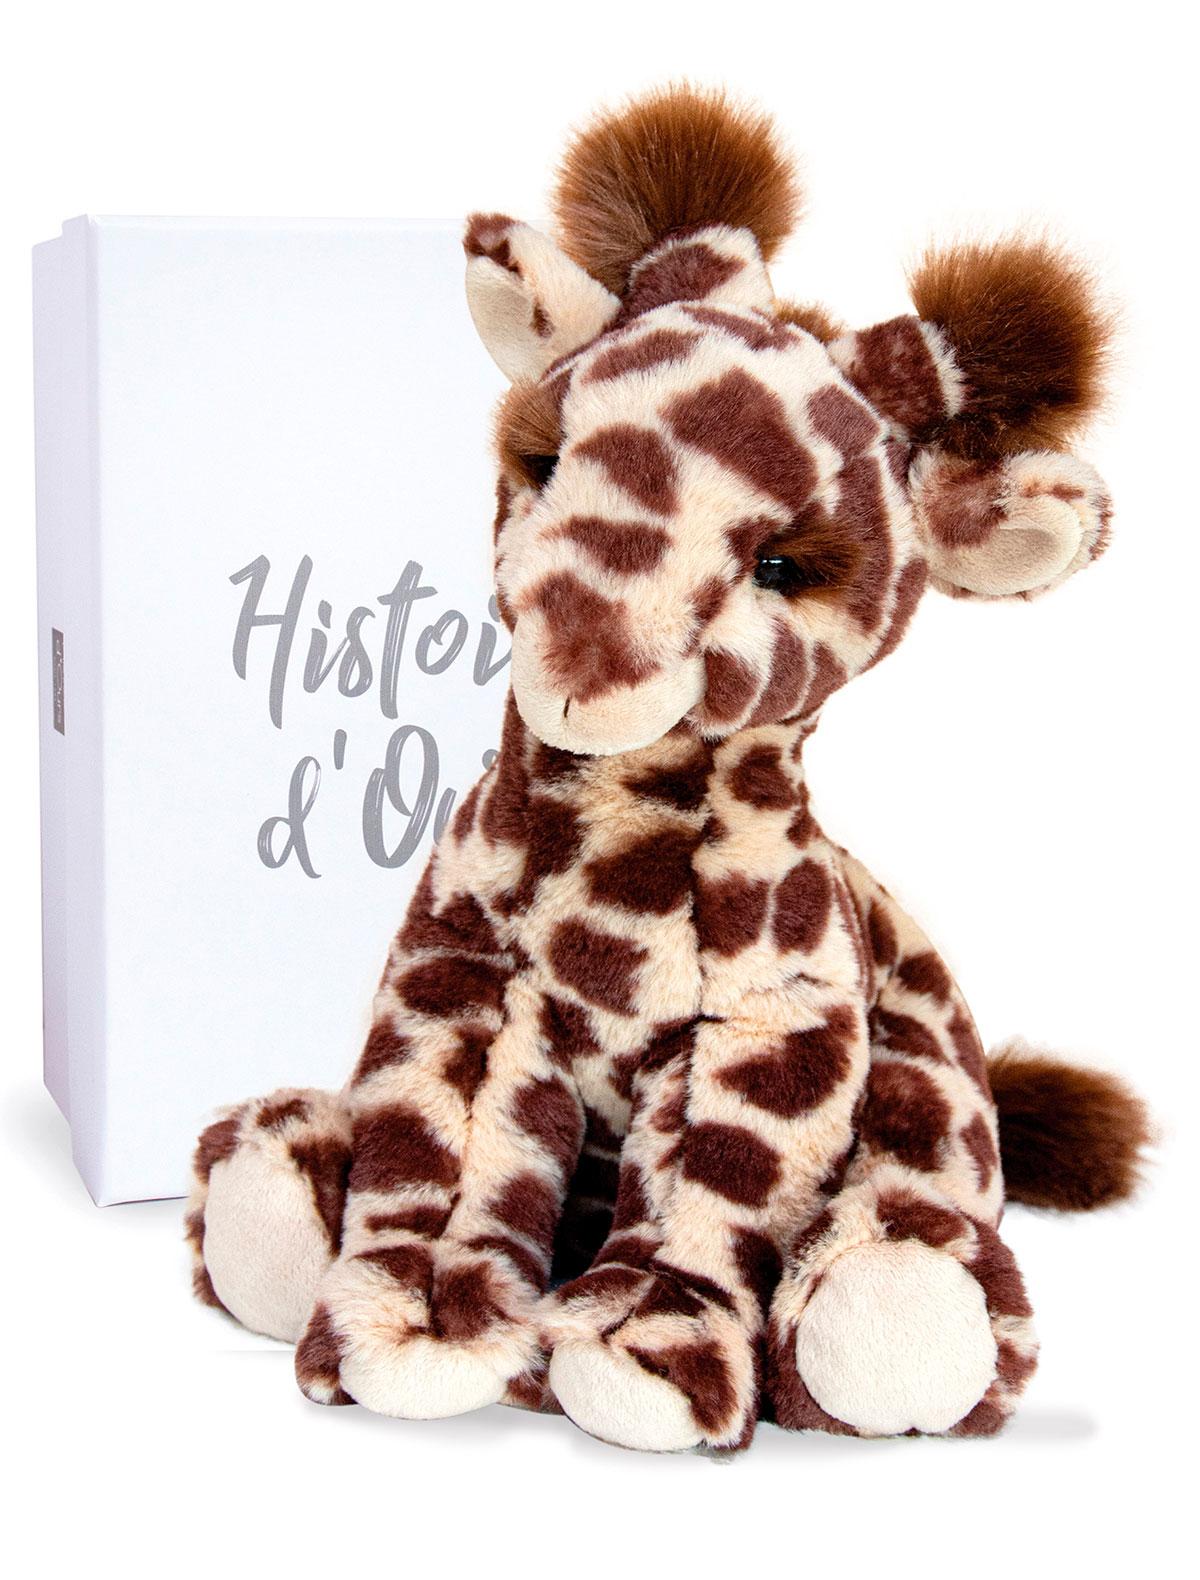 Купить 2320826, Игрушка мягкая Histoire D'Ours, коричневый, 7124520170661